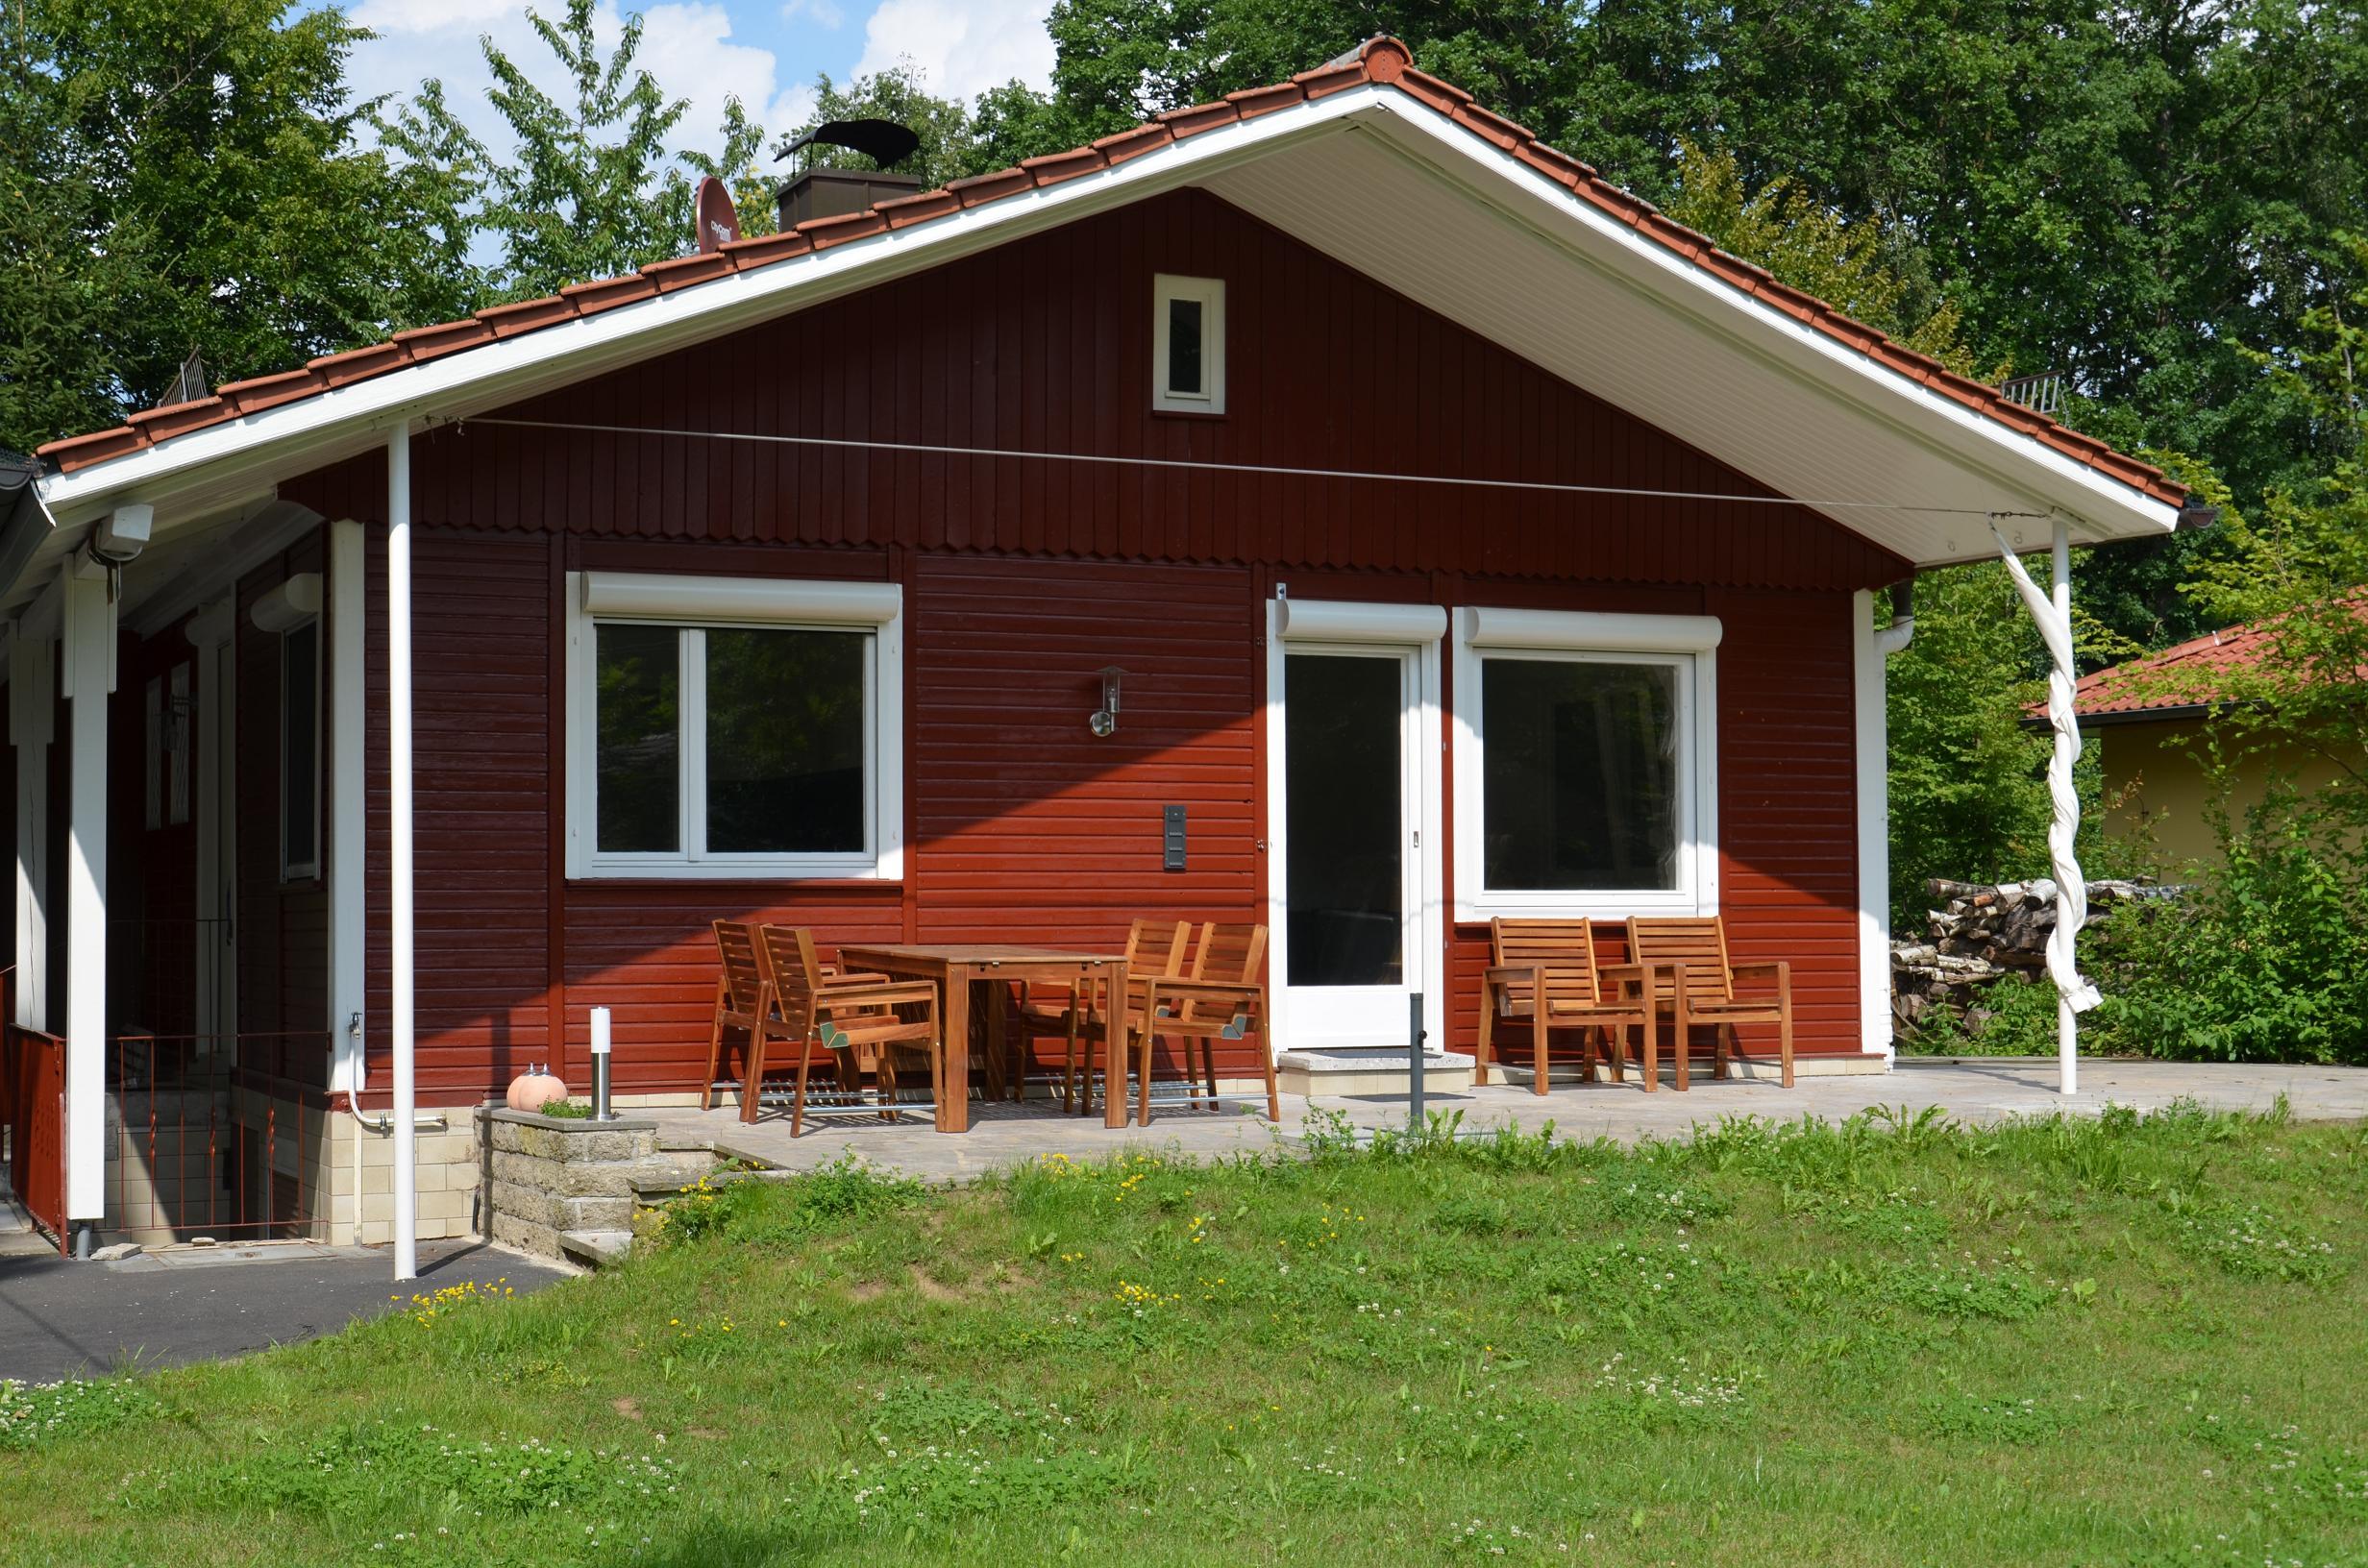 ferienhaus villa svenson das ferienhaus direkt am ellertsh user see in stadtlaurigen. Black Bedroom Furniture Sets. Home Design Ideas